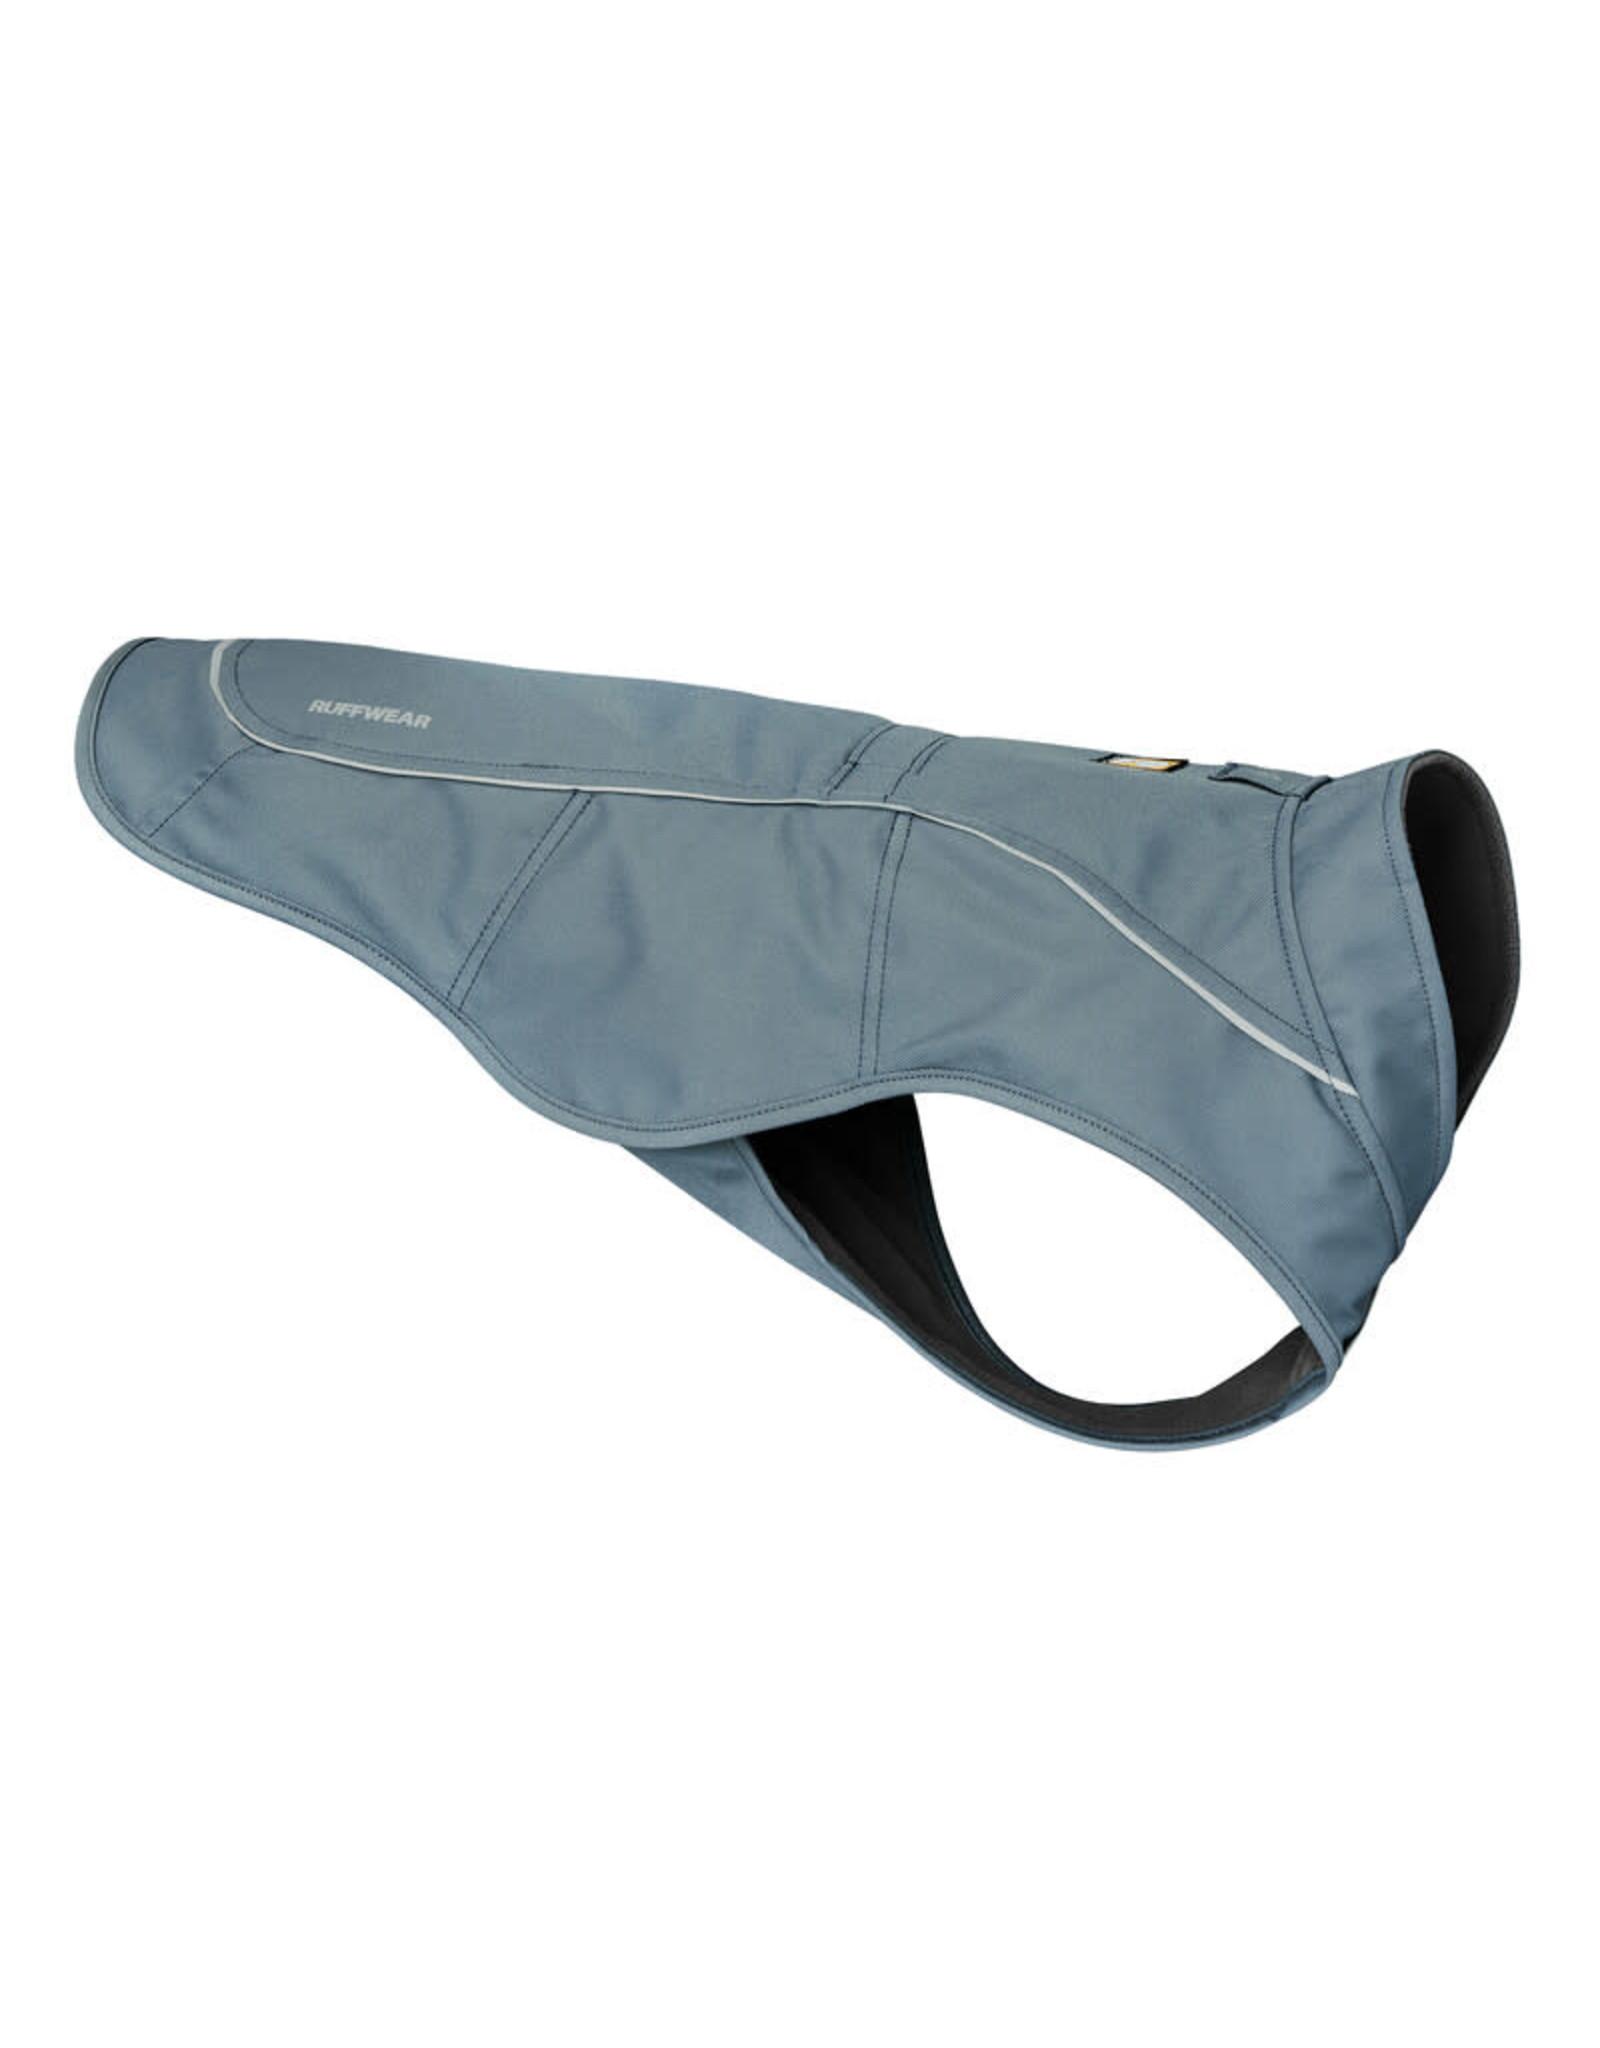 Ruffwear Overcoat Utility Jacket: Slate Blue, M